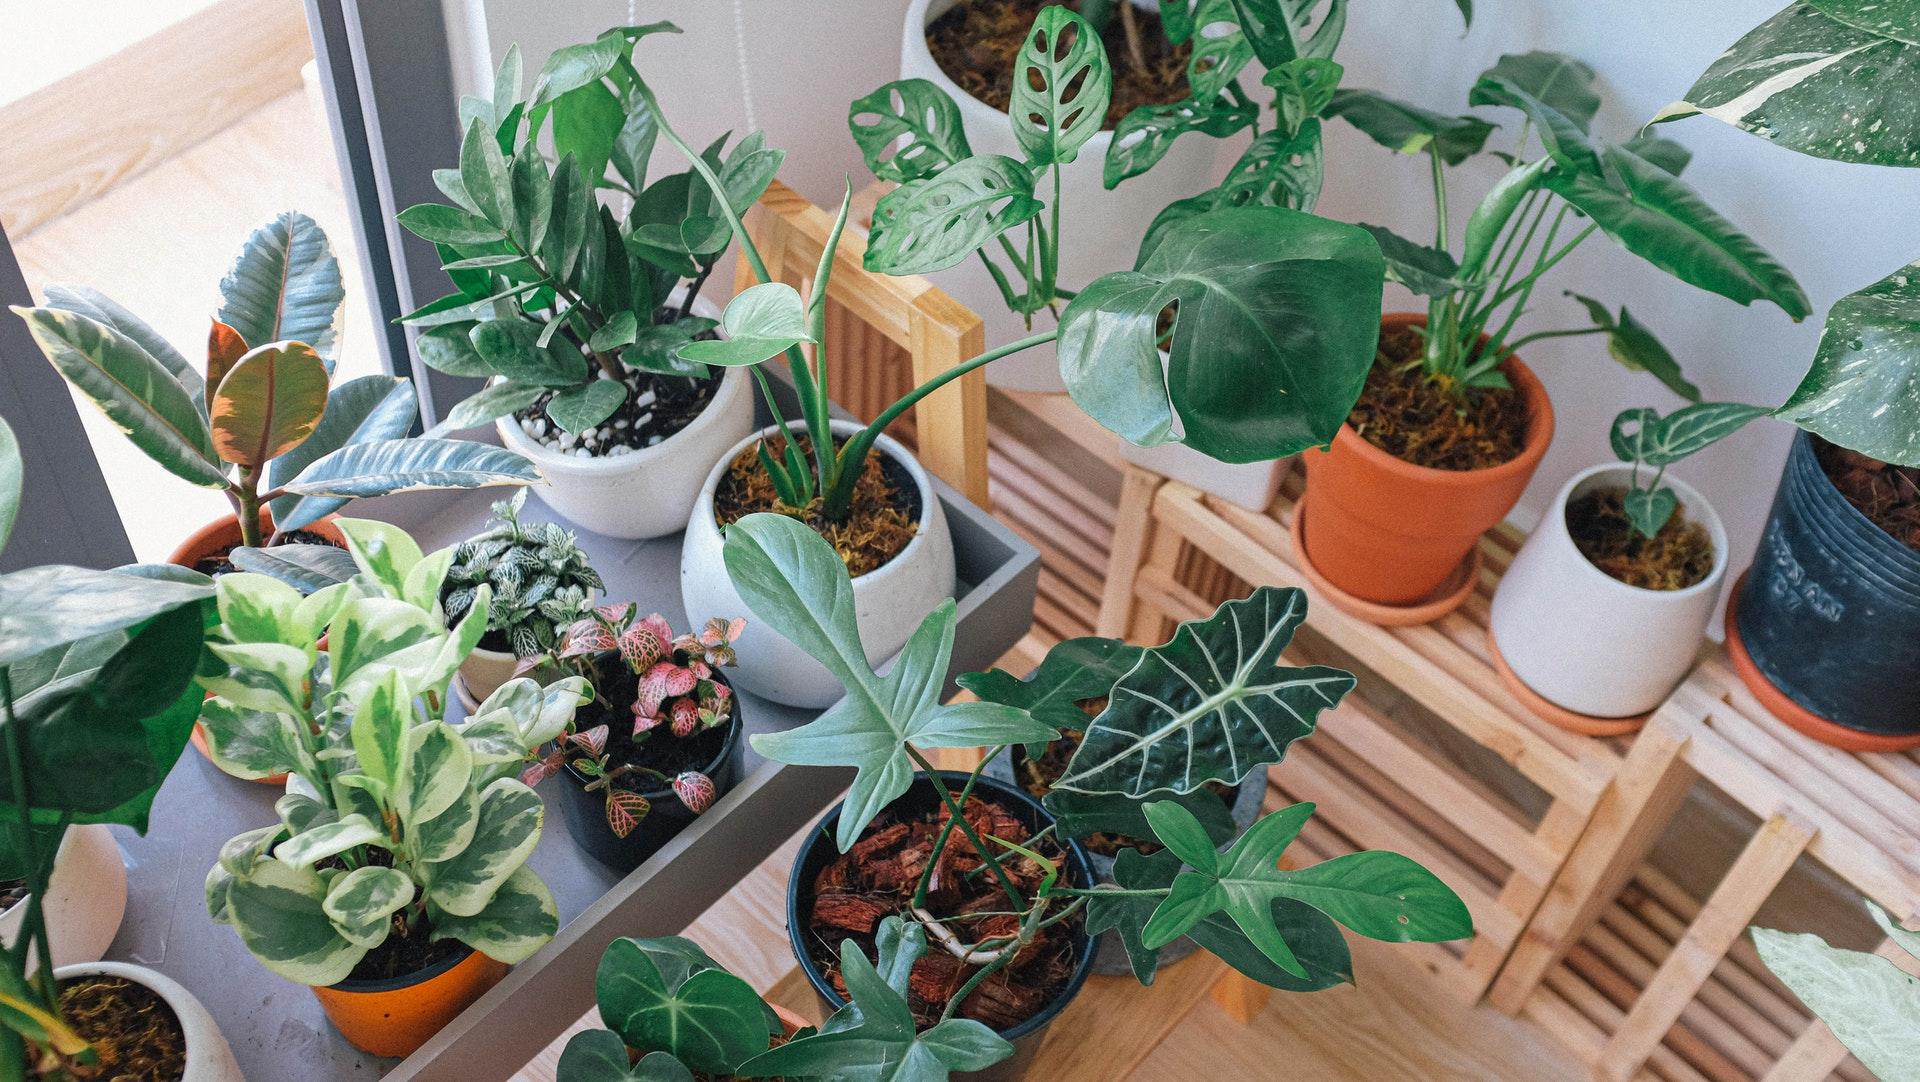 Top 5 Indoor Winter Plants